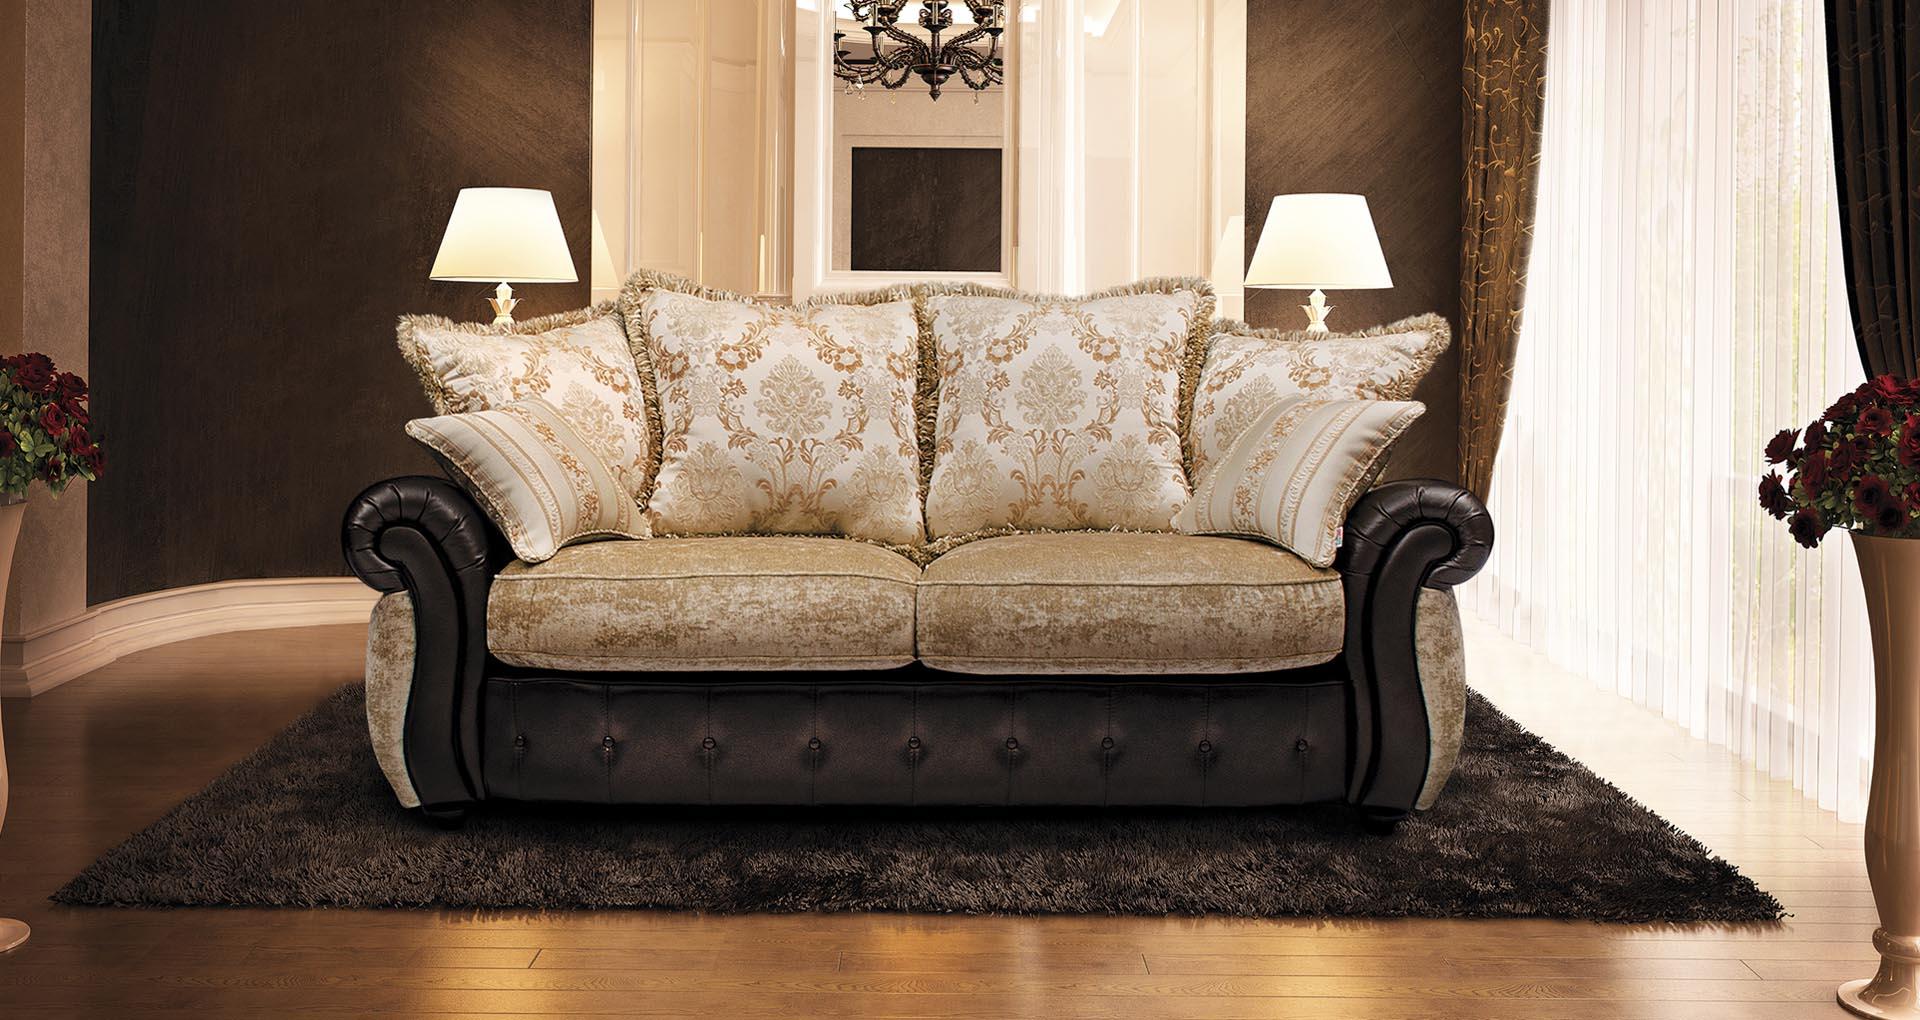 земельного участка мебельные фабрики в щелково мягкая мебель рекомендуется